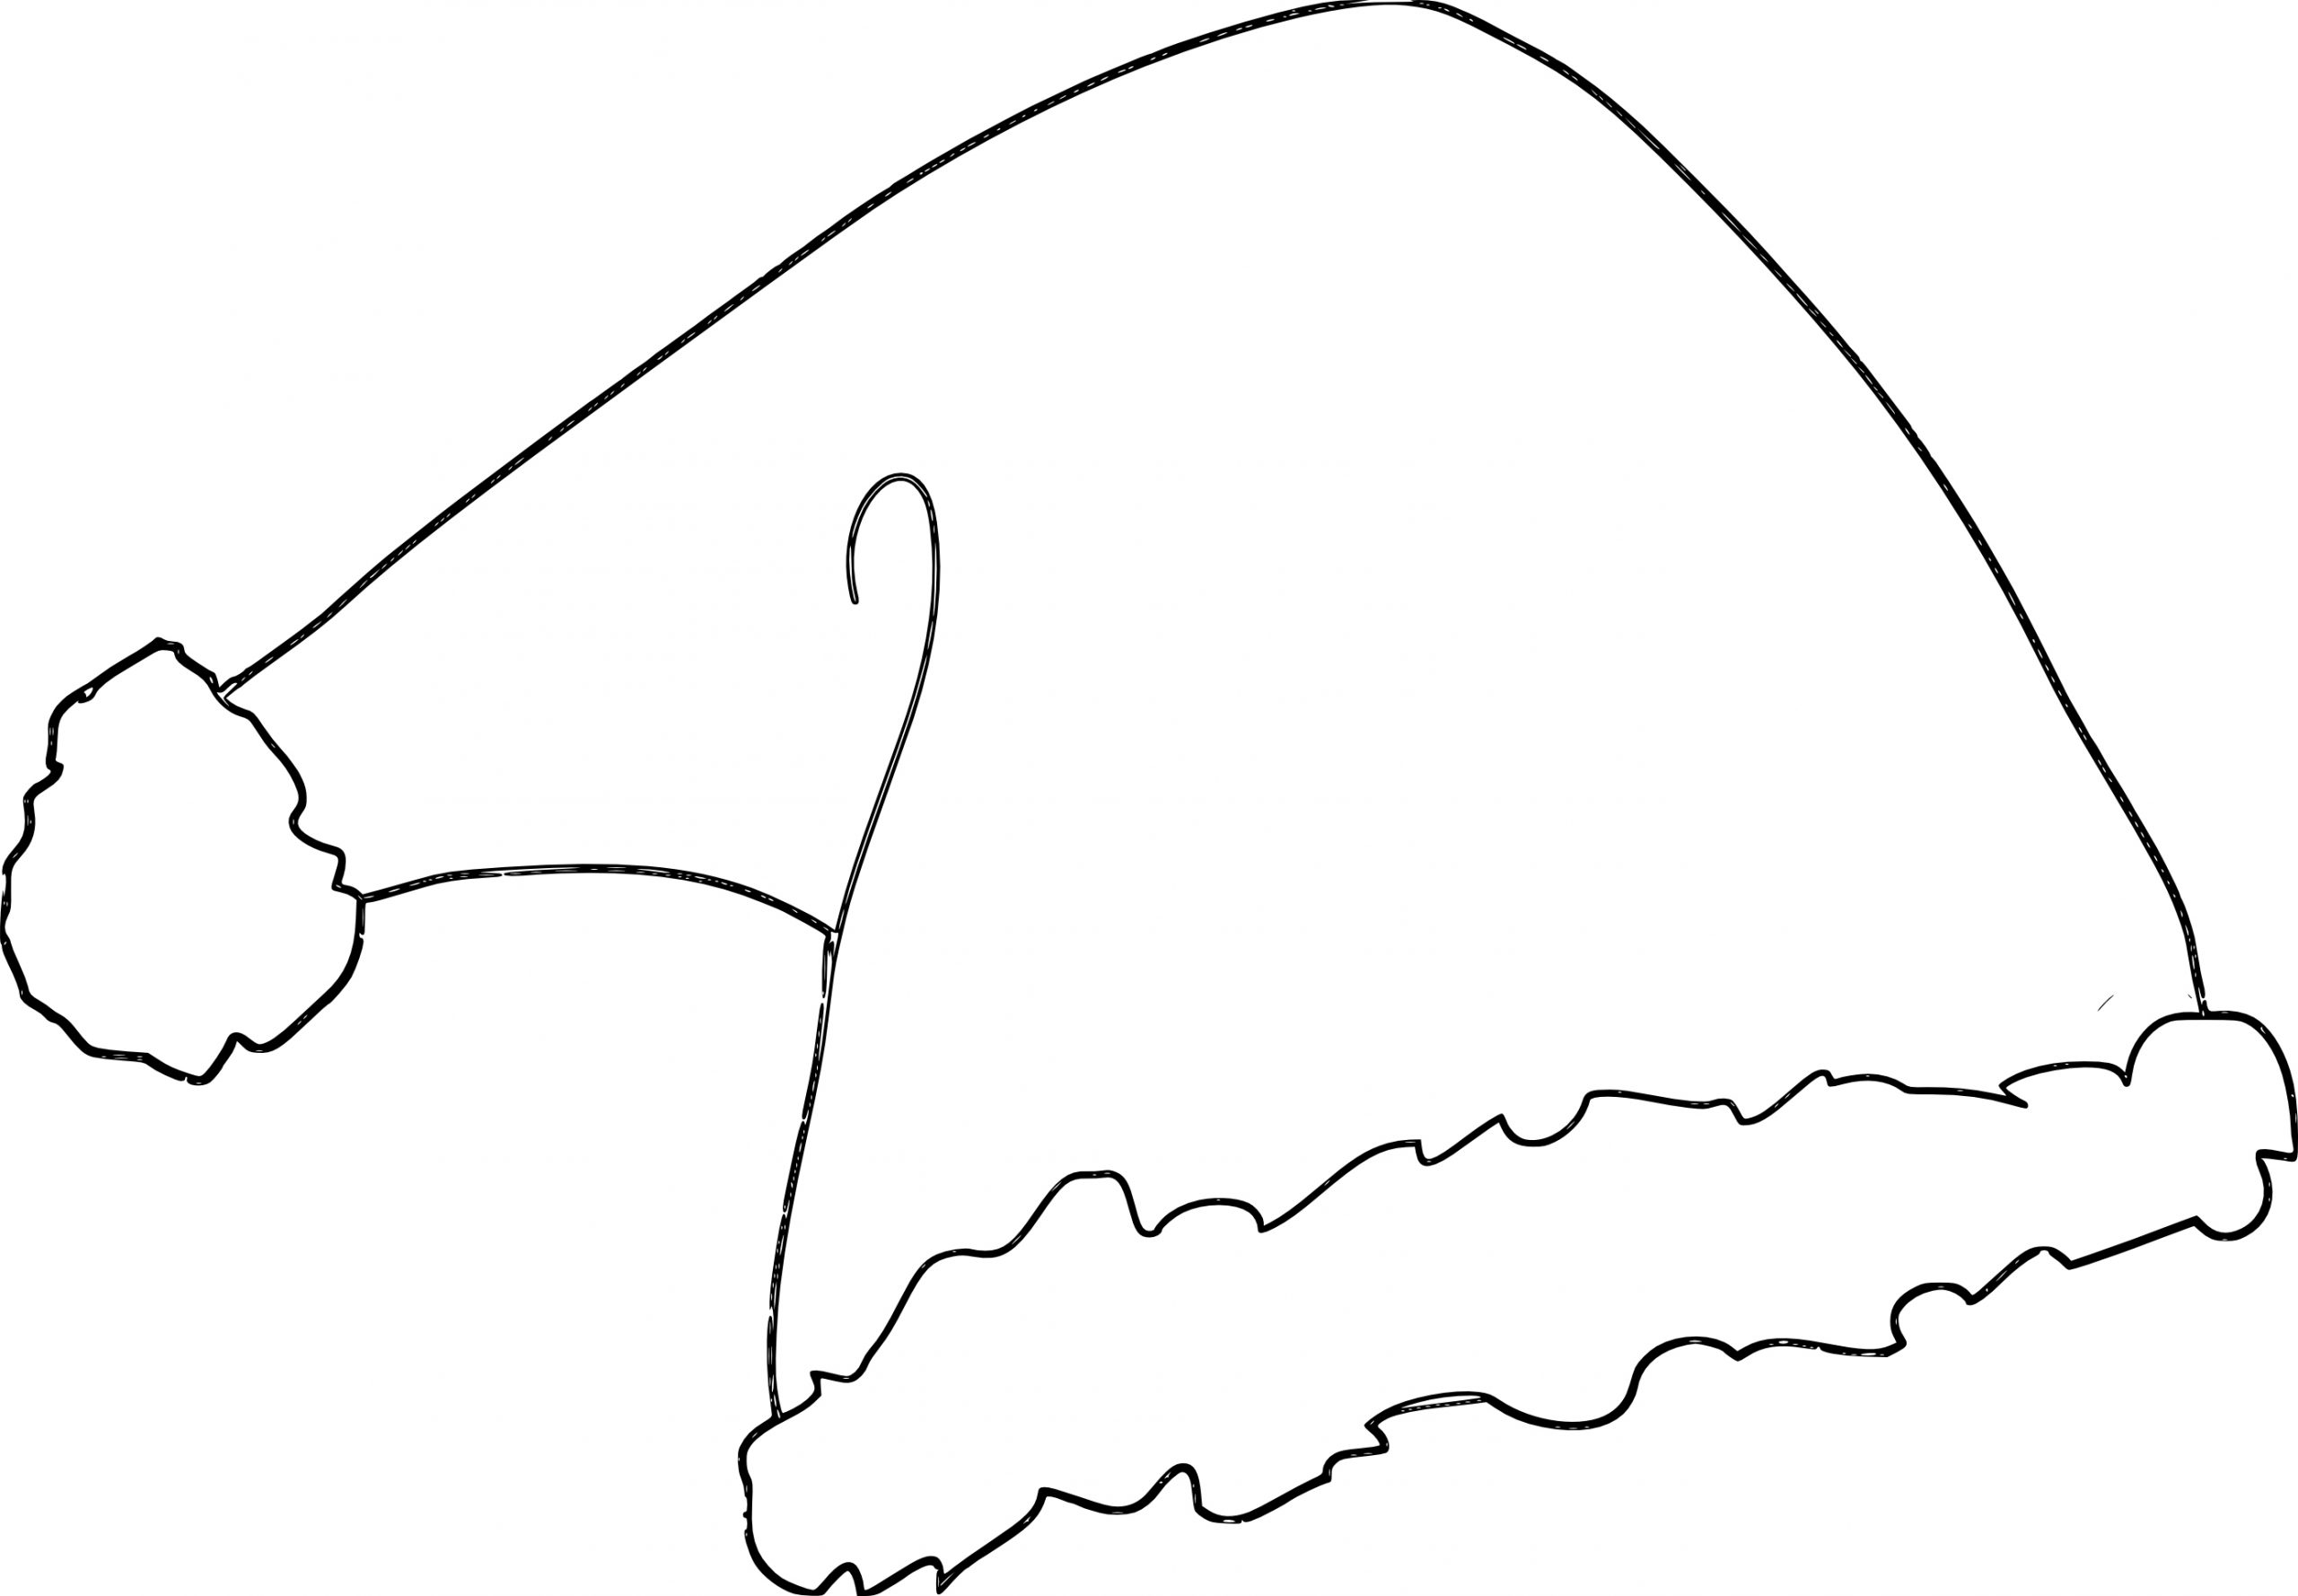 Coloriage Bonnet Père Noël À Imprimer Et Colorier à Coloriage De Pere Noel A Imprimer Gratuitement